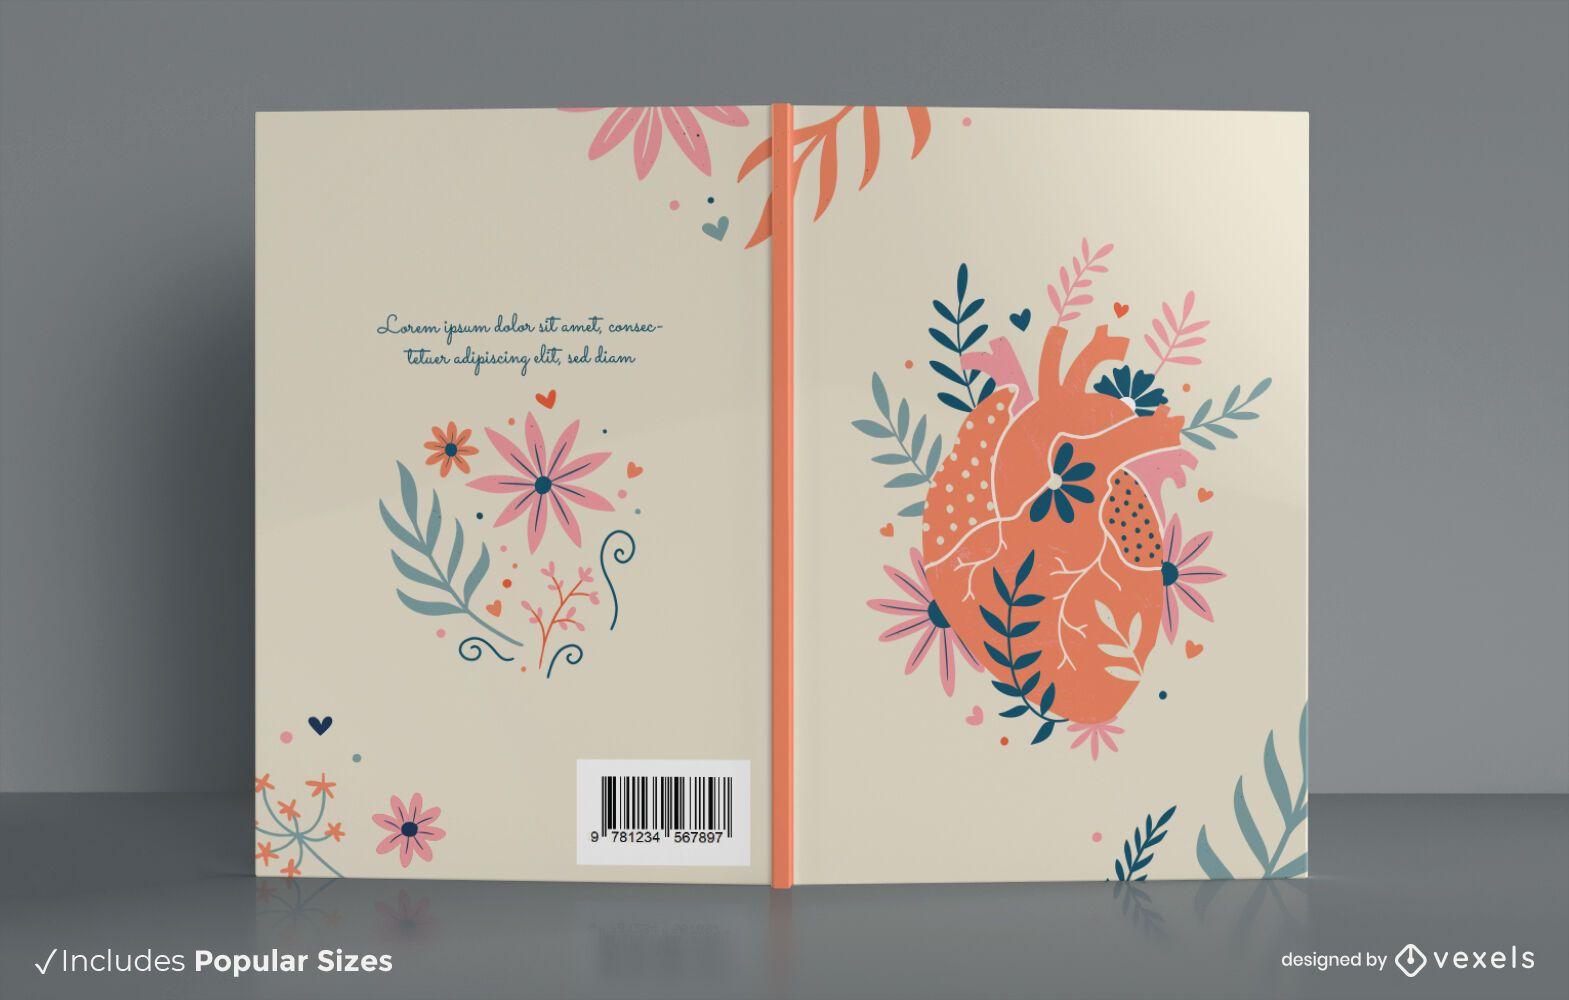 Dise?o de portada de libro de coraz?n floral